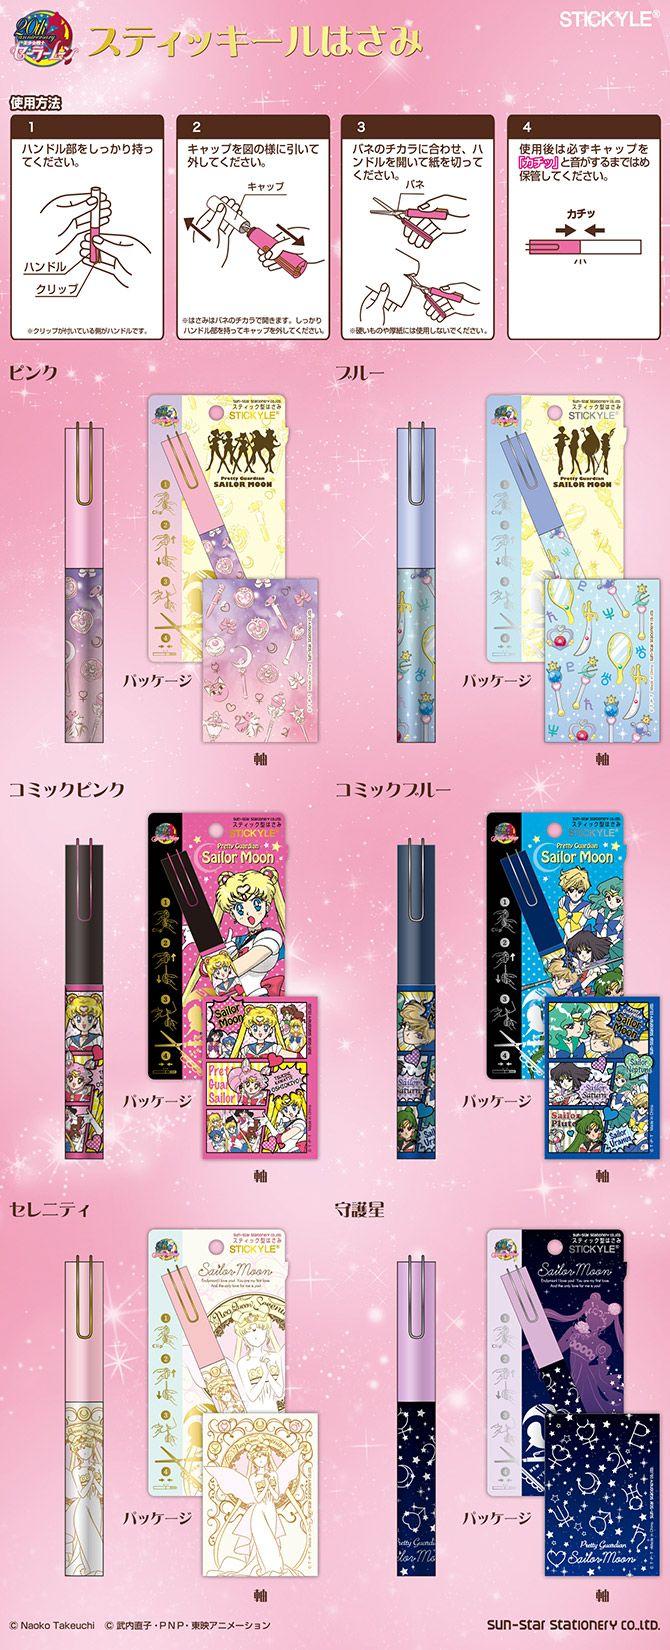 NEW Sailor Moon Frixion Ball Pens & Stickyle... - sailor moon collectibles